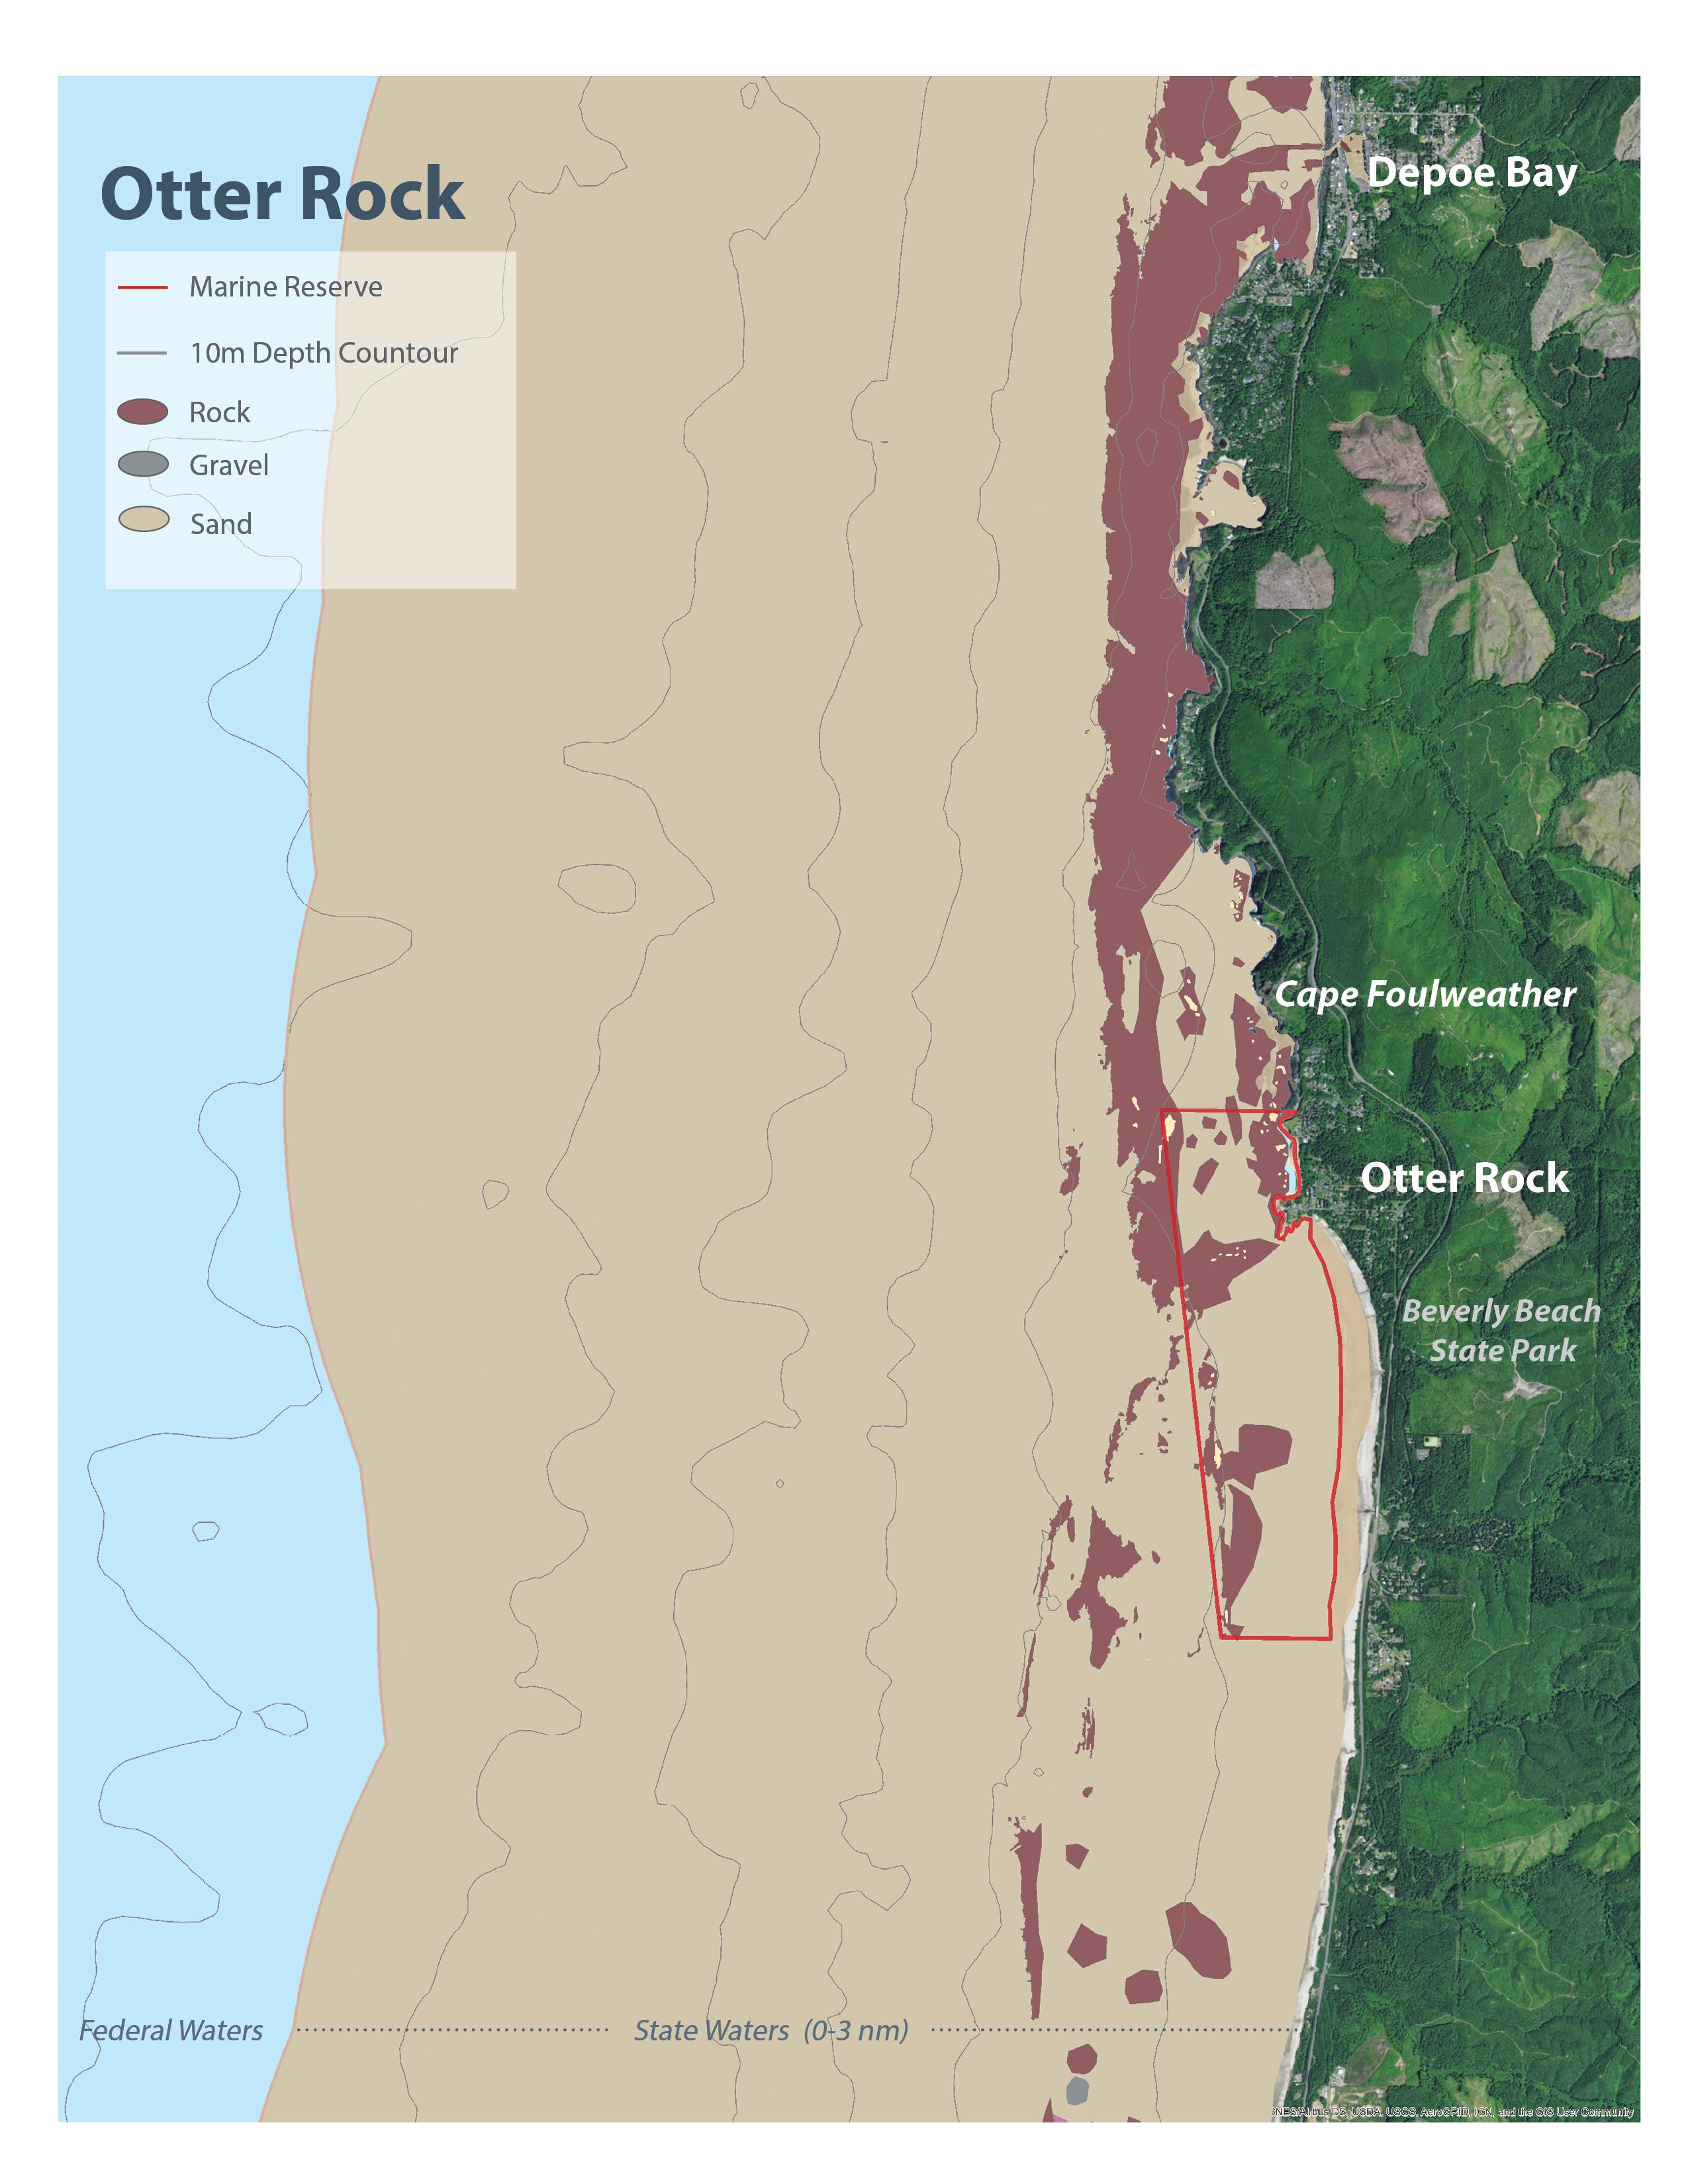 Otter rock oregon marine reserves seafloor habitat map for otter rock marine reserve nvjuhfo Gallery